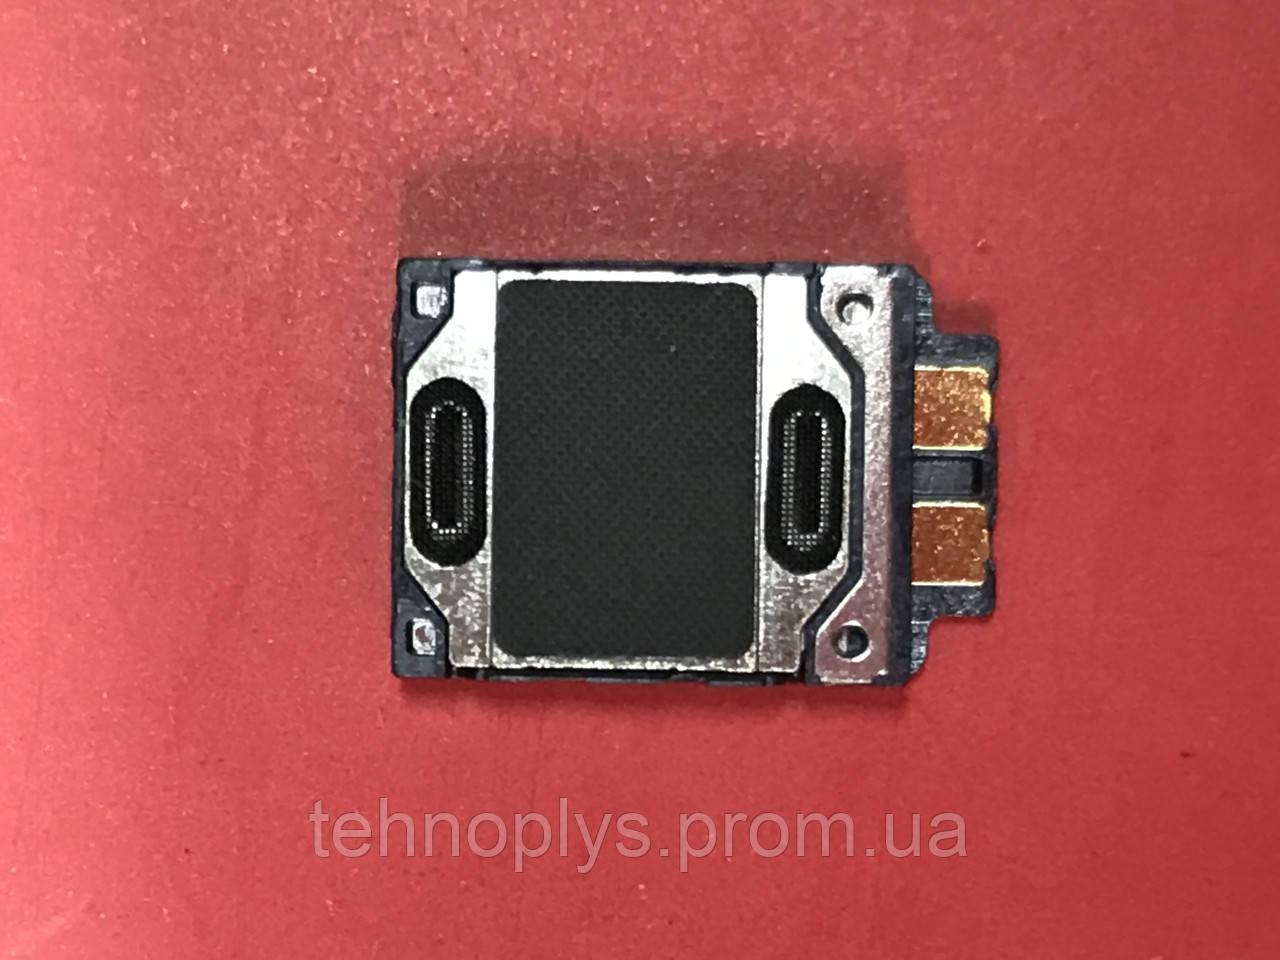 Динамик для Samsung A530F Galaxy A8 (2018), A530F/DS Galaxy A8 (2018), G950F, G955F, N950F,N950FD